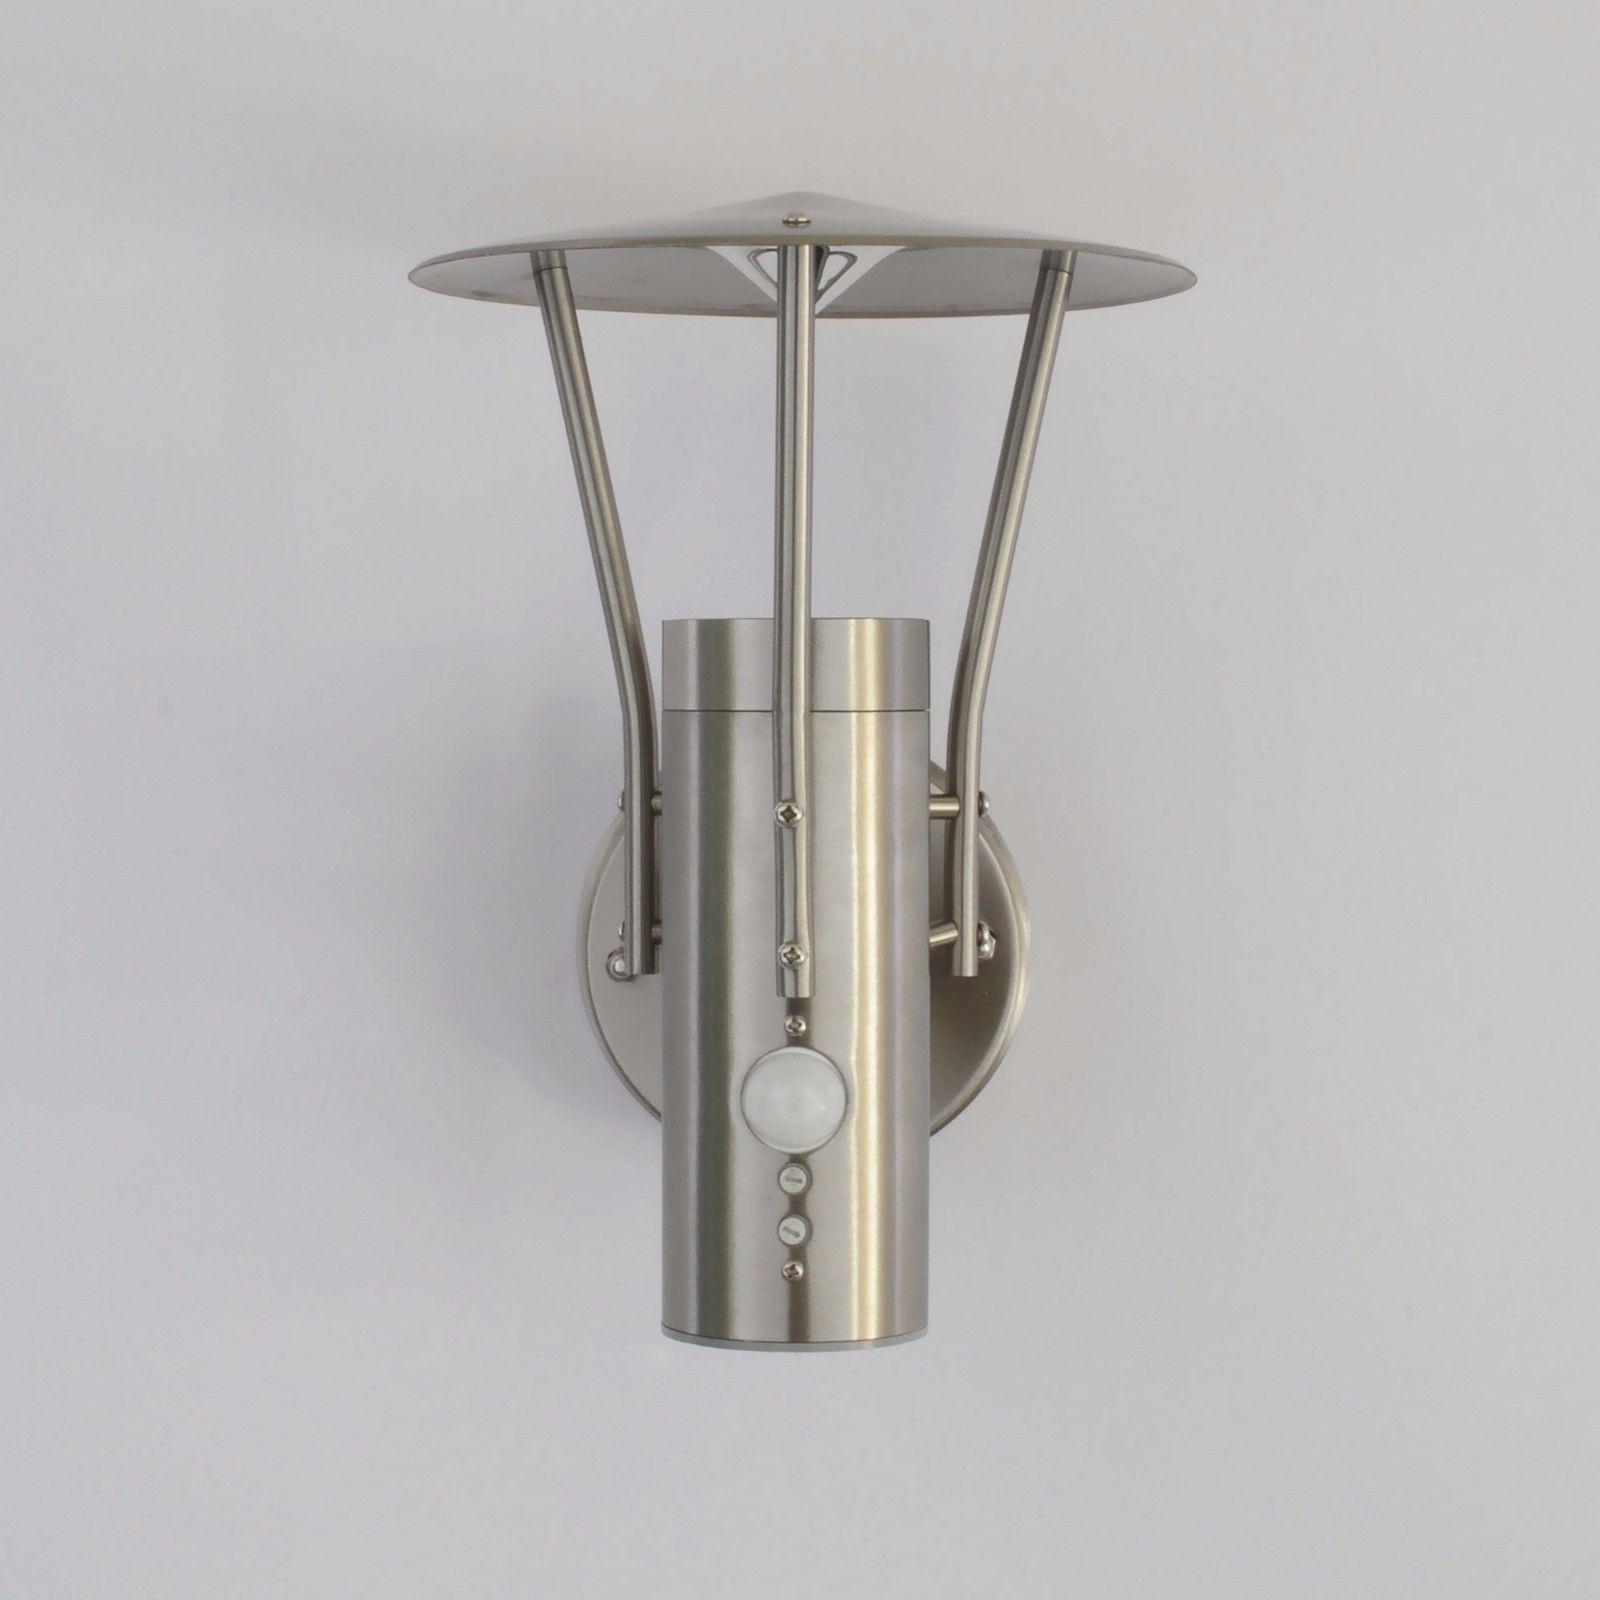 Außenleuchte LED Wandlampe Aussenlampe Lampe GU10 Edelstahl 242  Bewegungsmelder In Heimwerker, Lampen U0026 Licht,